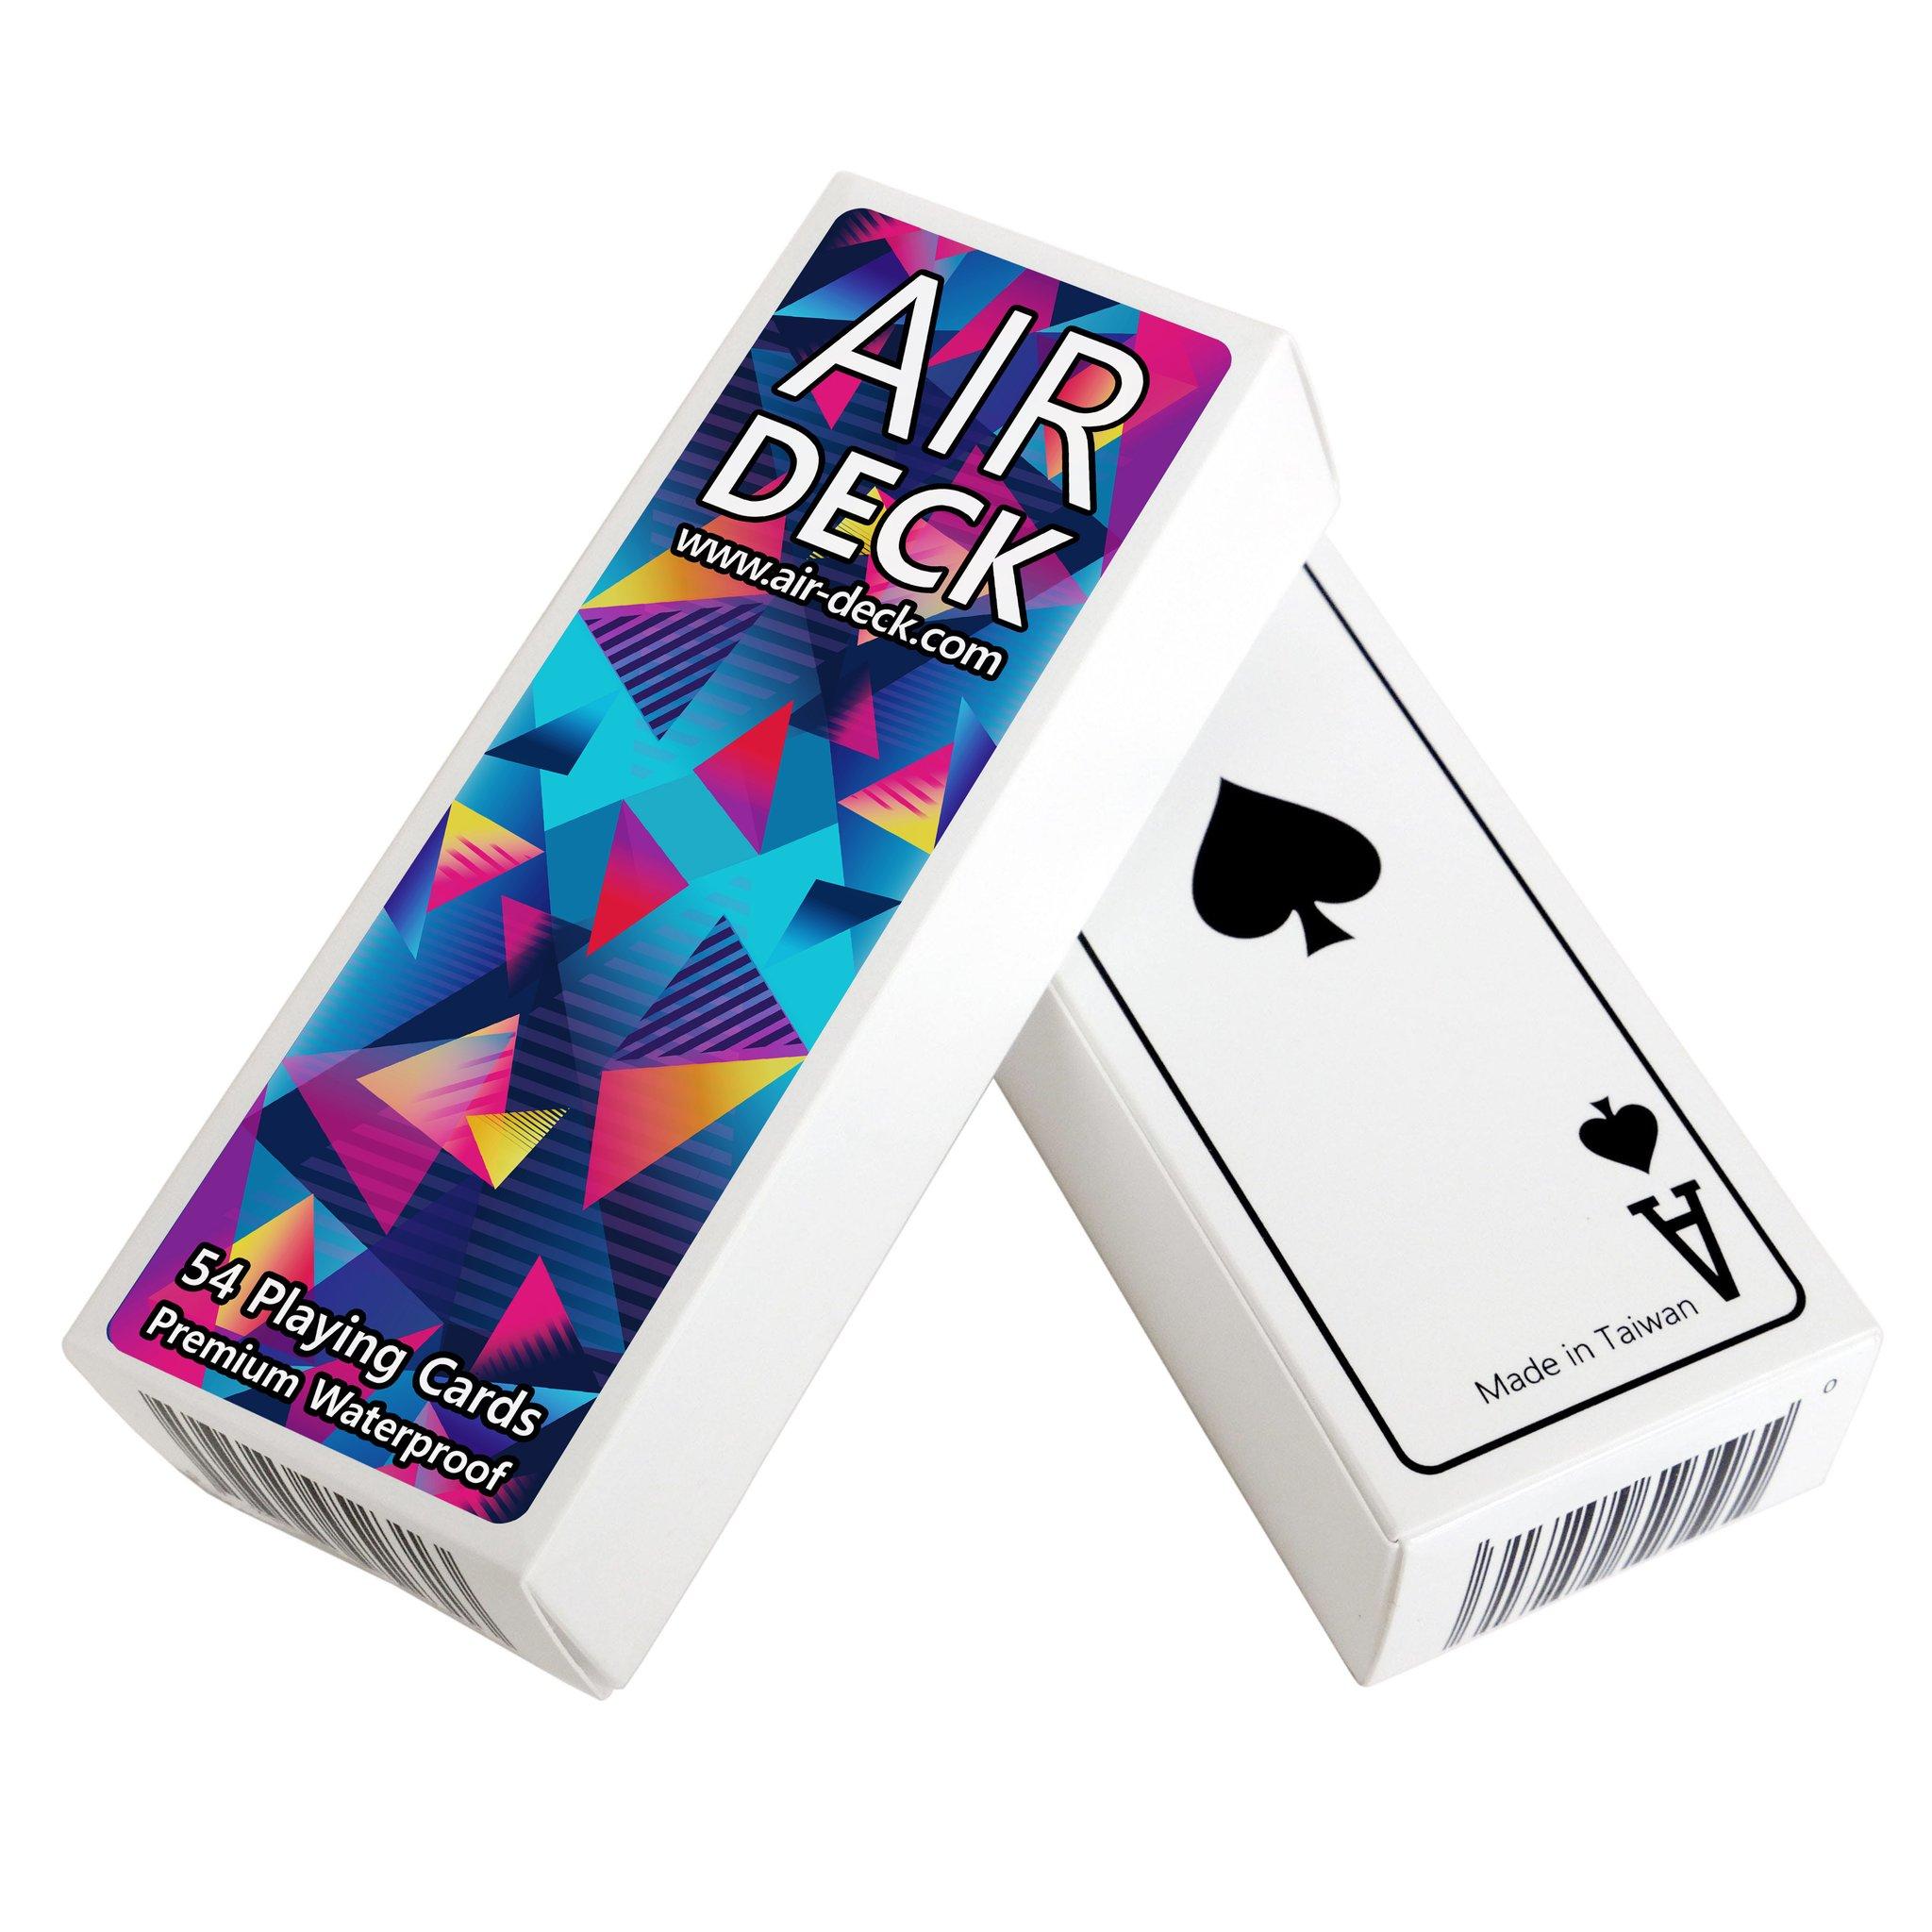 Air Deck - Retro